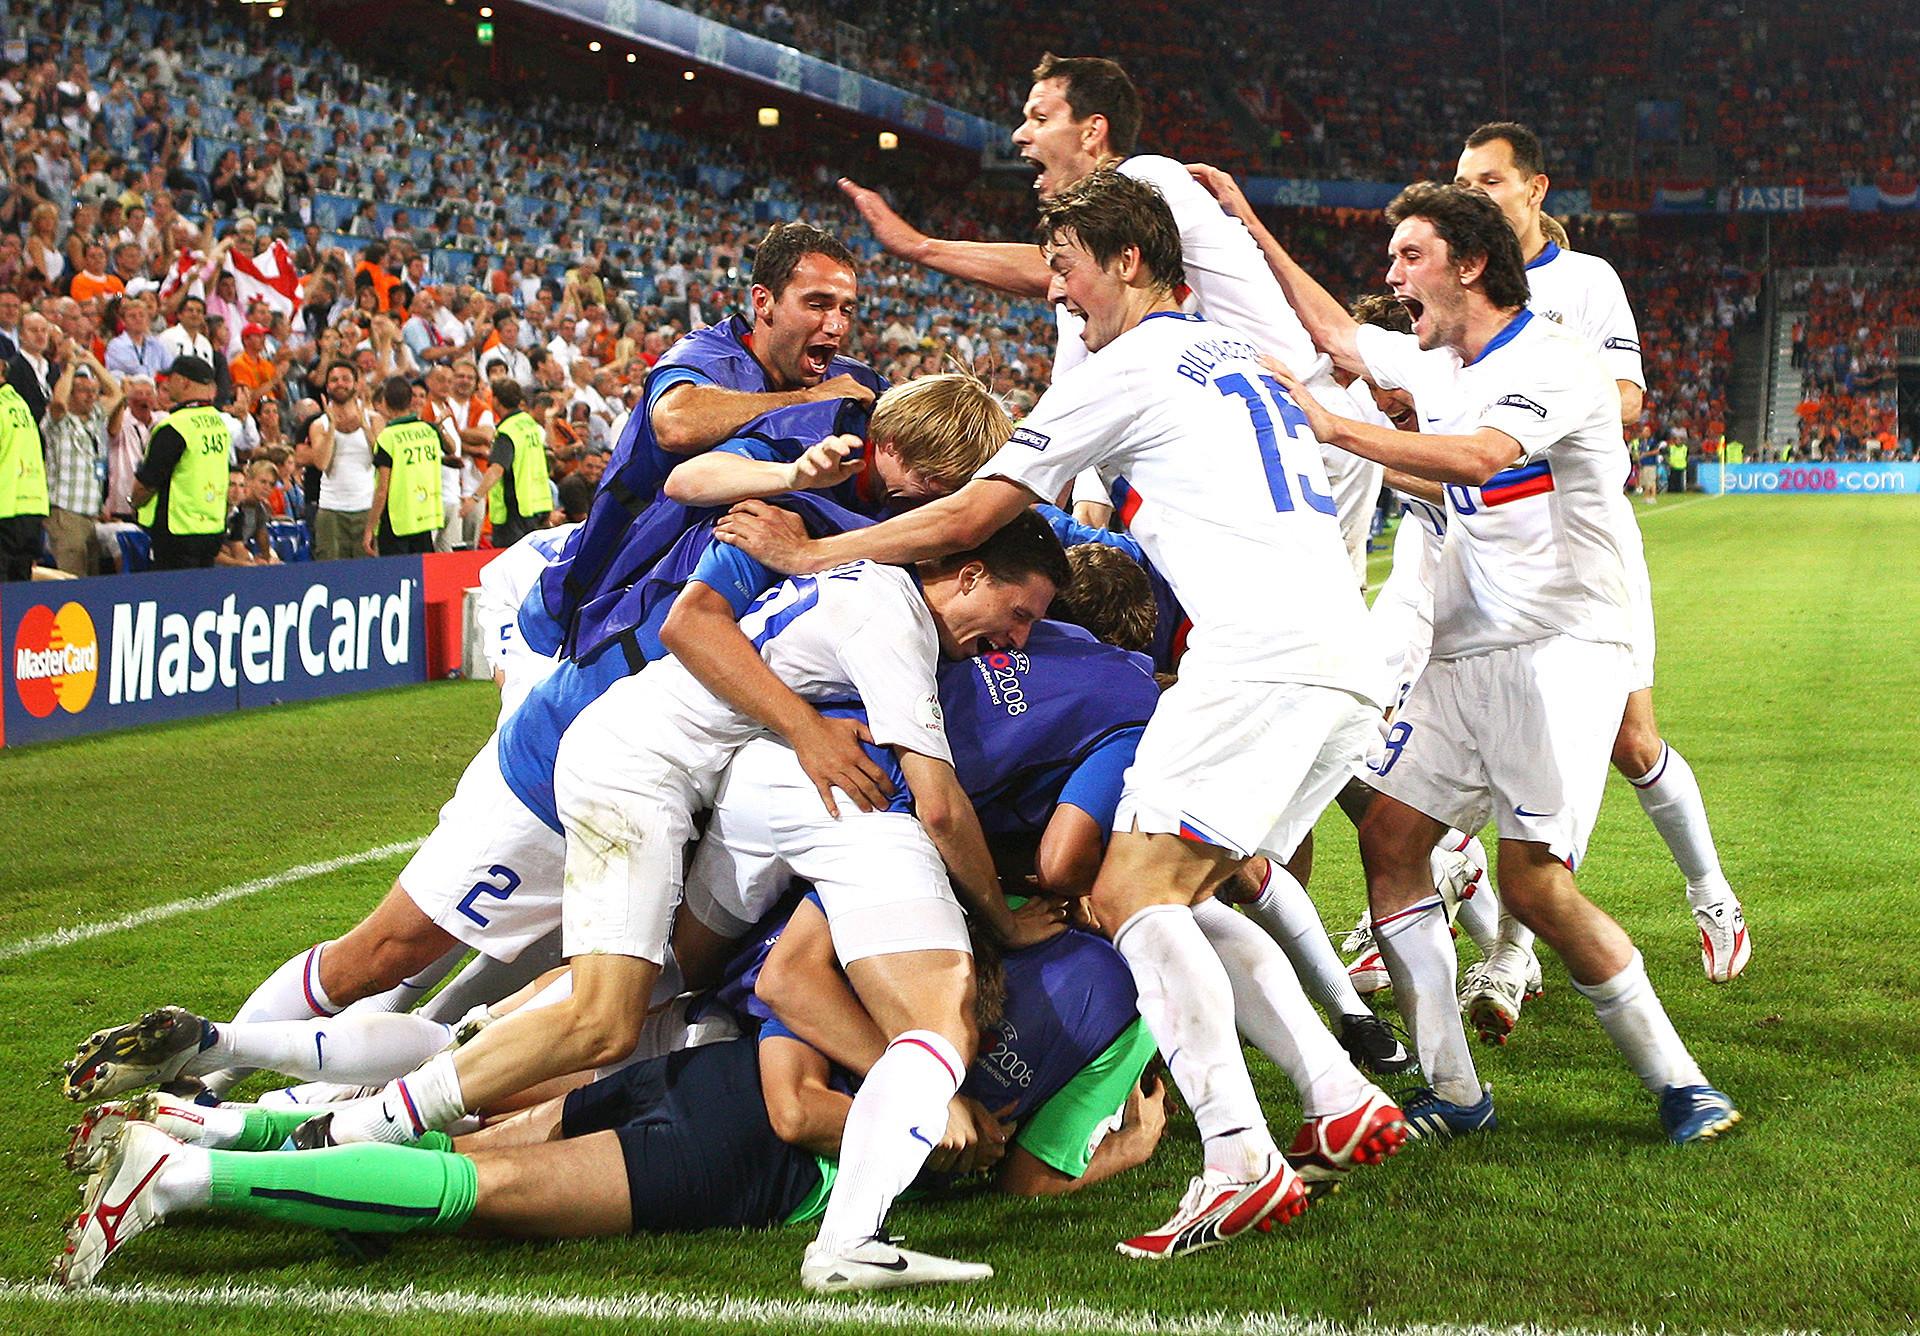 Pertandingan melawan Belanda adalah kebahagiaan yang mendalam. Sayangnya, segalanya menjadi lebih buruk setelah itu.